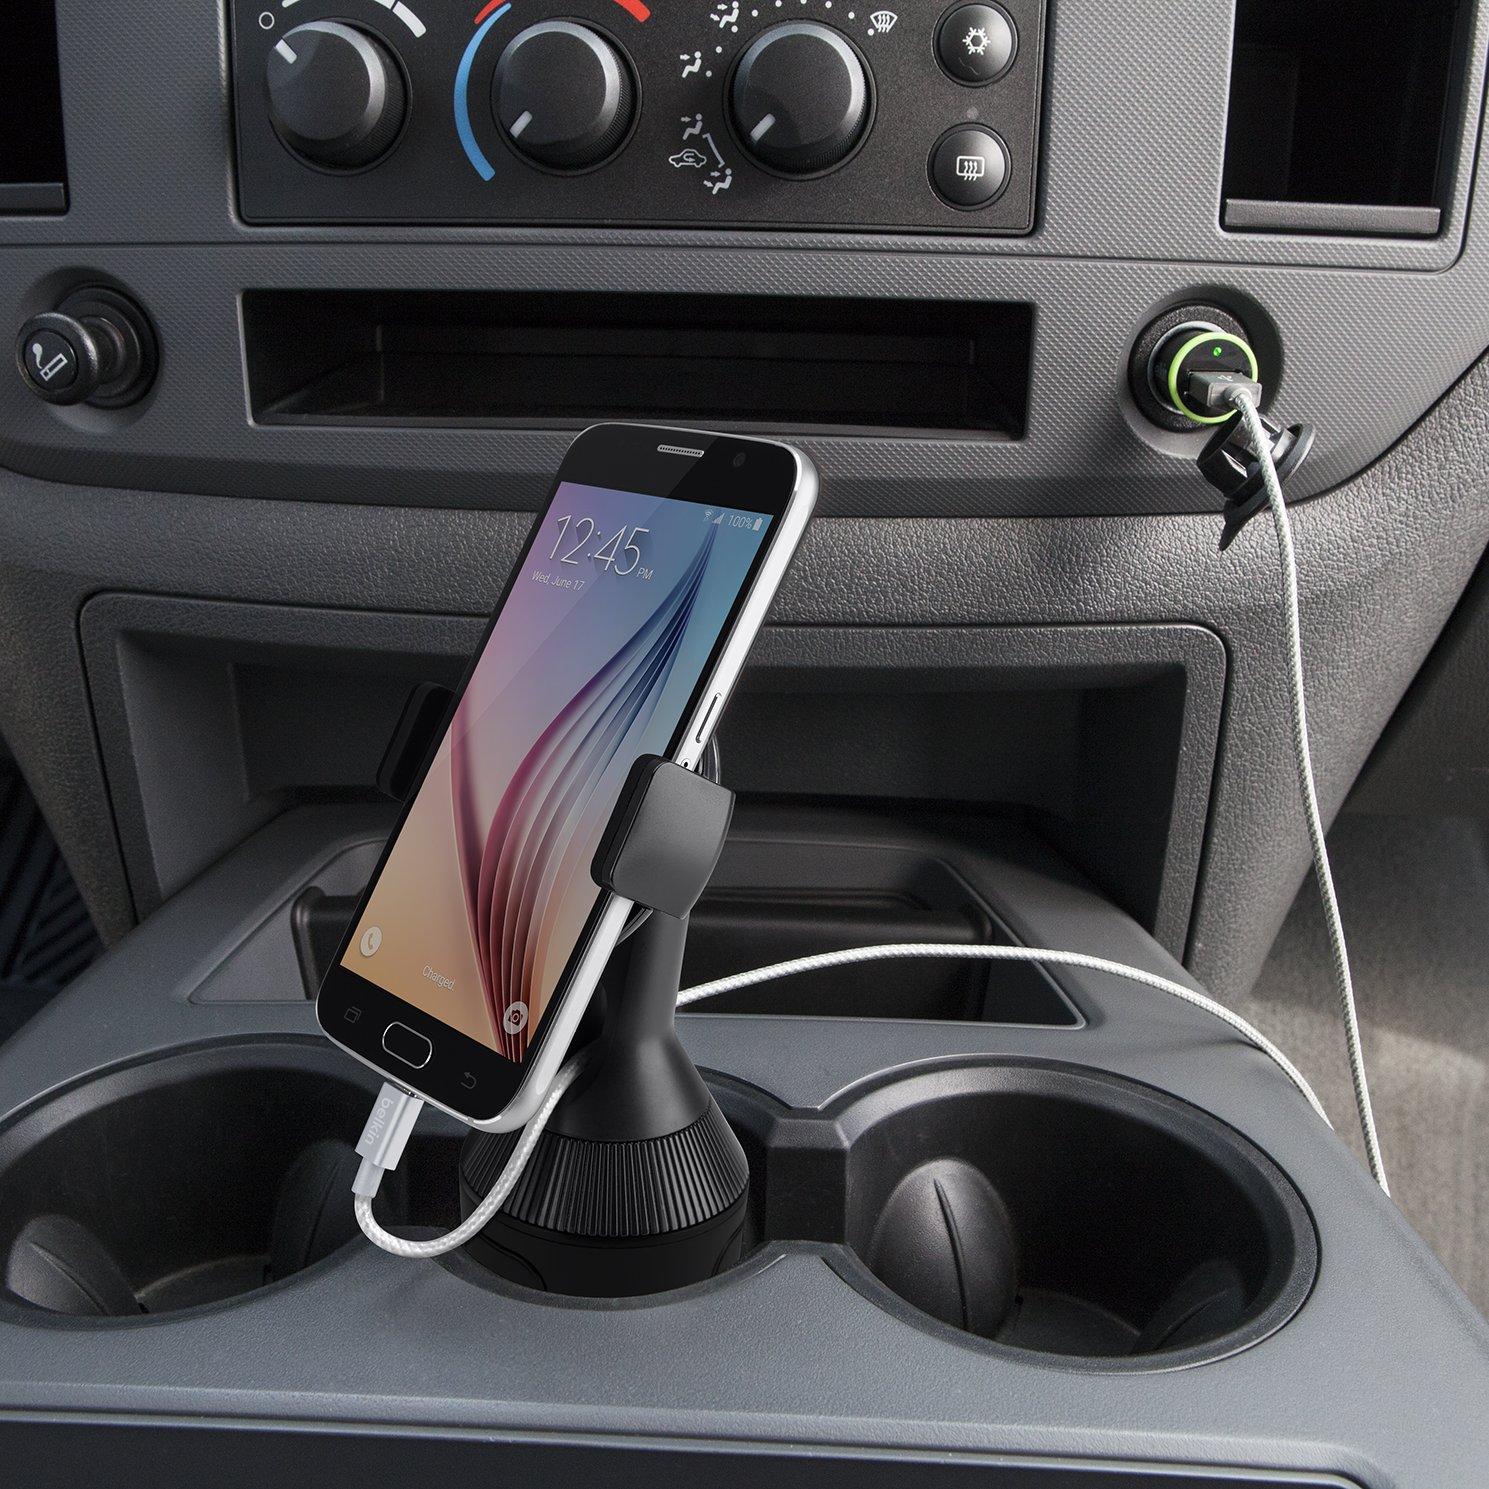 geeignet f/ür iPhone/XS, XS/Max, XR, X, 8//8/Plus, Samsung/Note9, S9//S9+ sowie Ger/äte von LG, Sony, Google und anderer Hersteller Belkin Auto-L/üftungshalterung